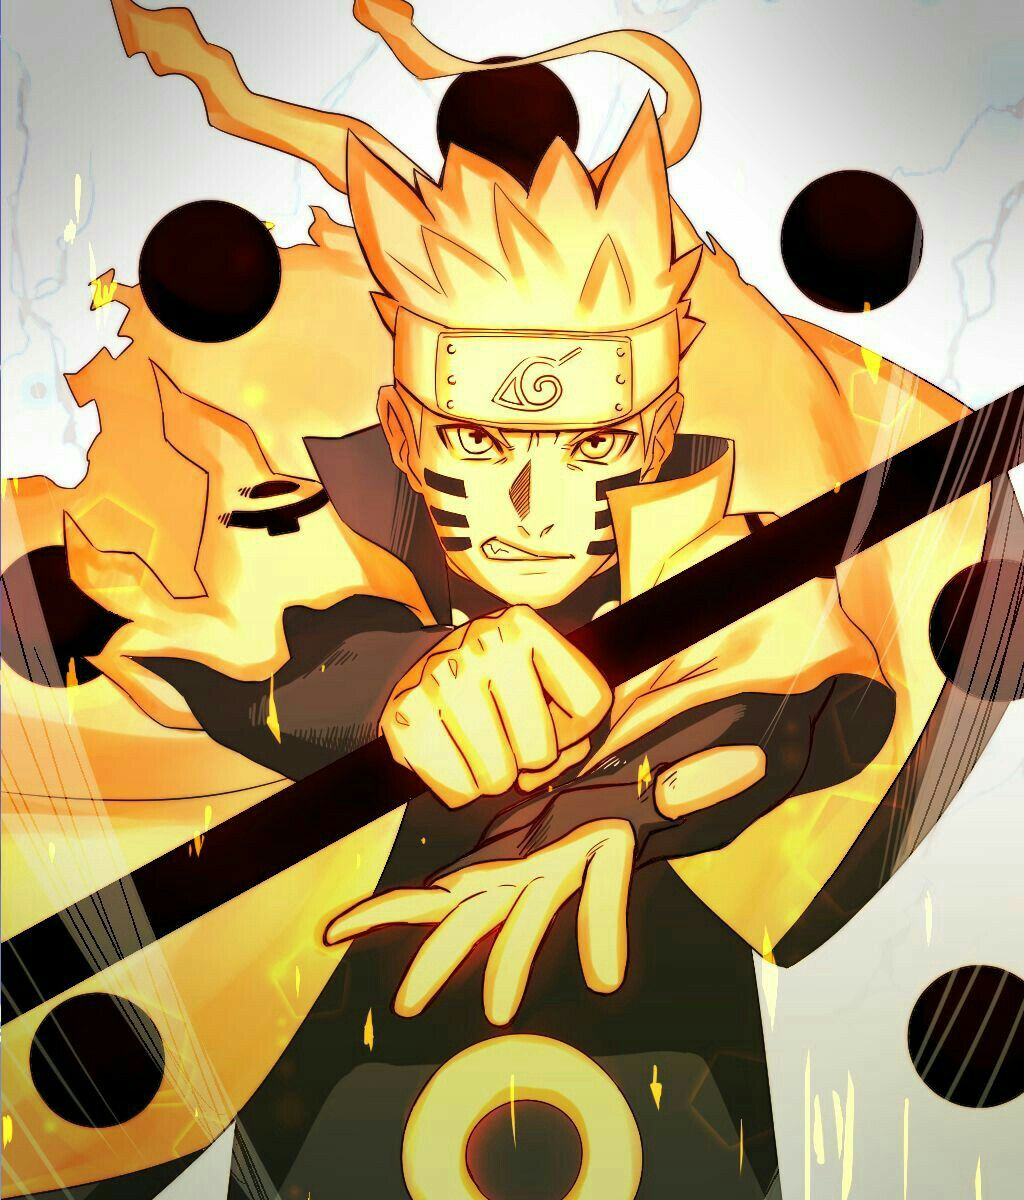 Pin By Bahulya Rishi On Naruto 3 Naruto Uzumaki Art Naruto Shippuden Anime Anime Naruto